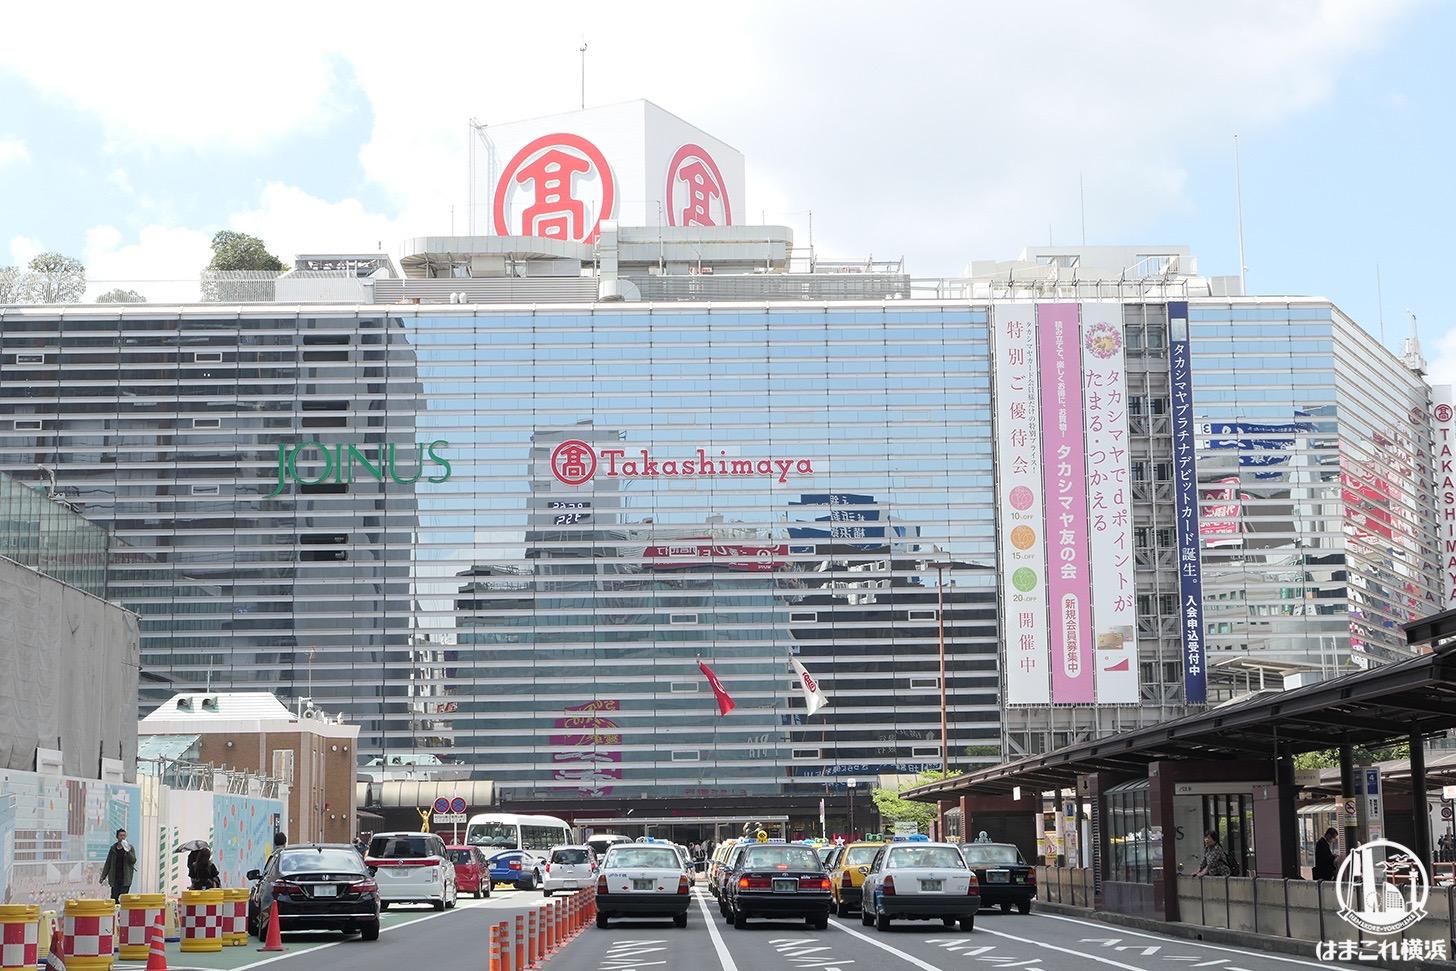 横浜高島屋、3月28日・29日臨時休業とレストラン営業時間短縮発表